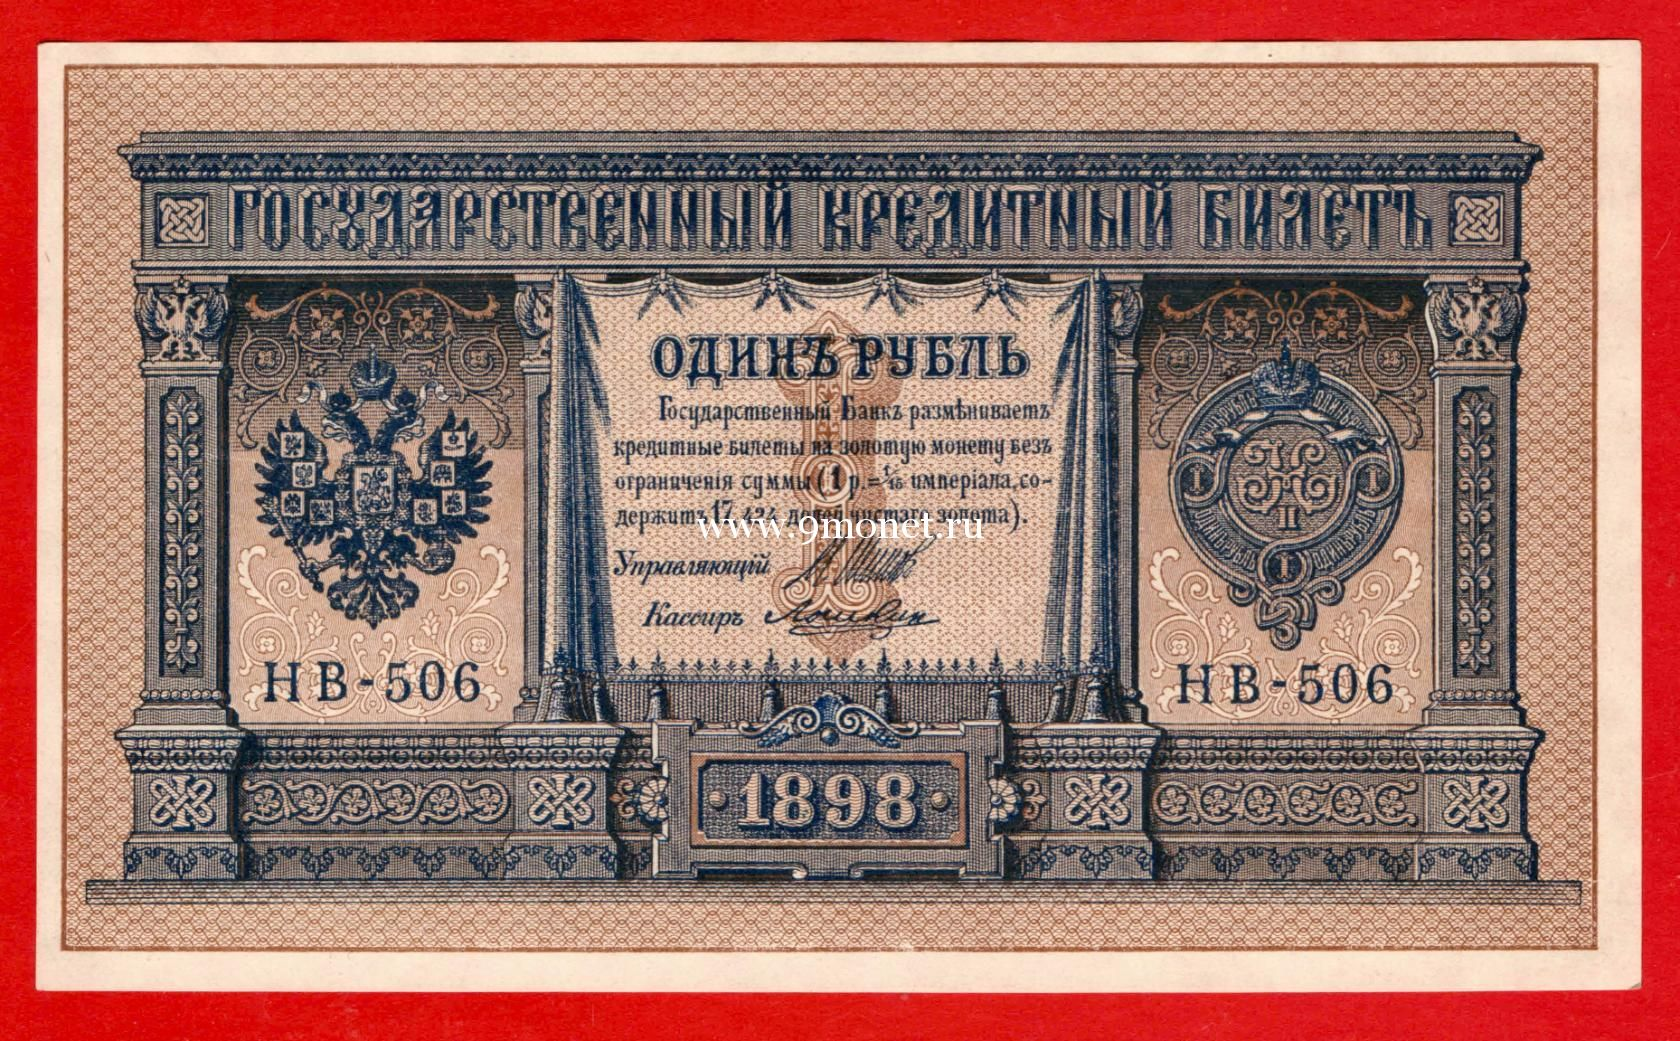 Россия банкнота 1 рубль 1898 года Шипов-Лошкин.